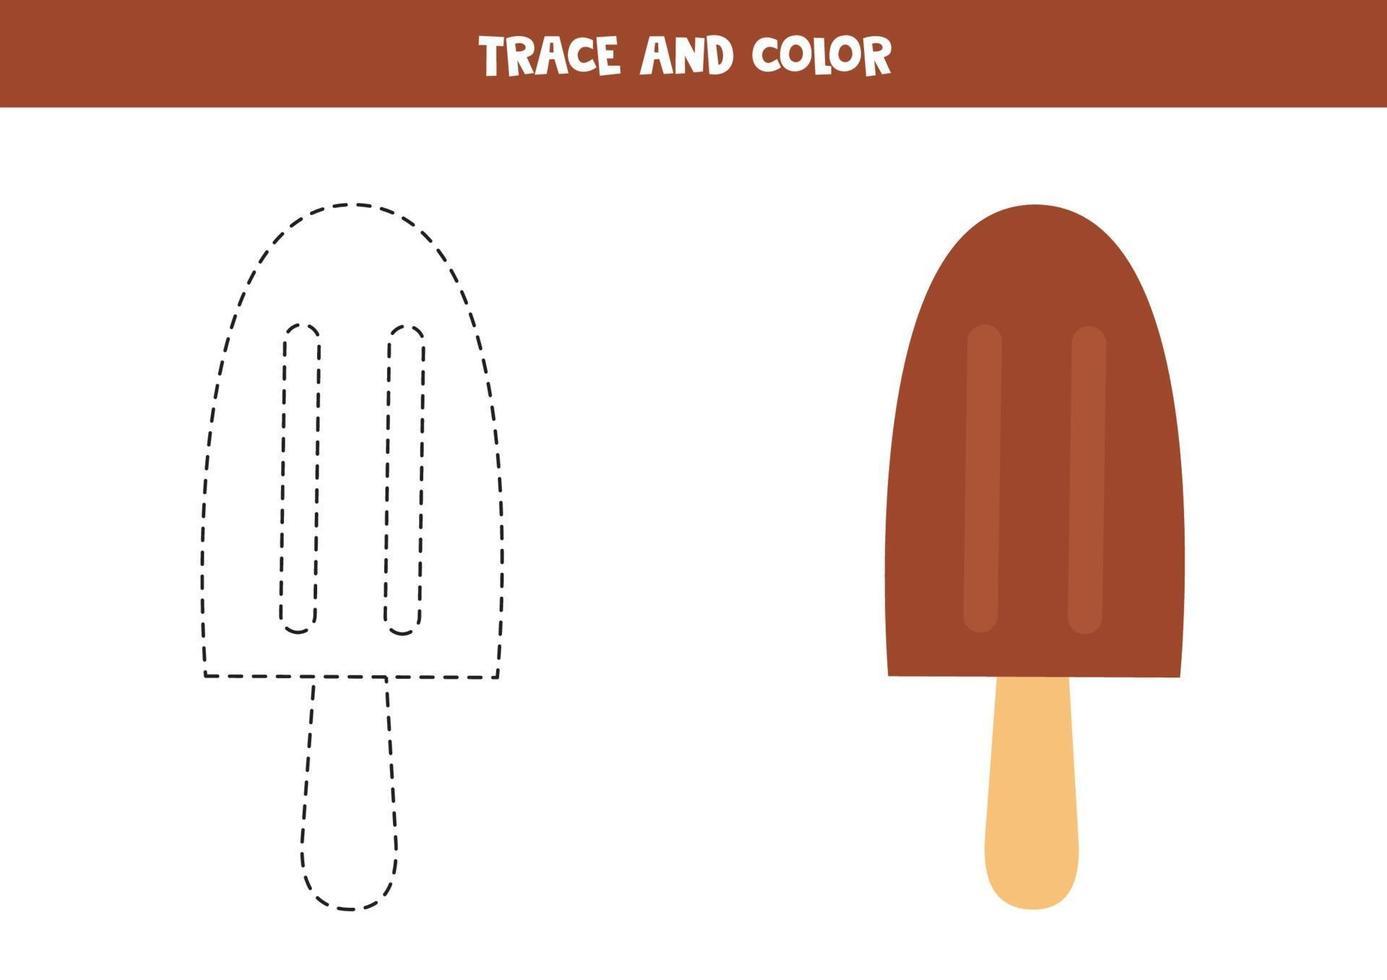 tracciare e colorare il gelato al cioccolato. foglio di lavoro spaziale per bambini. vettore